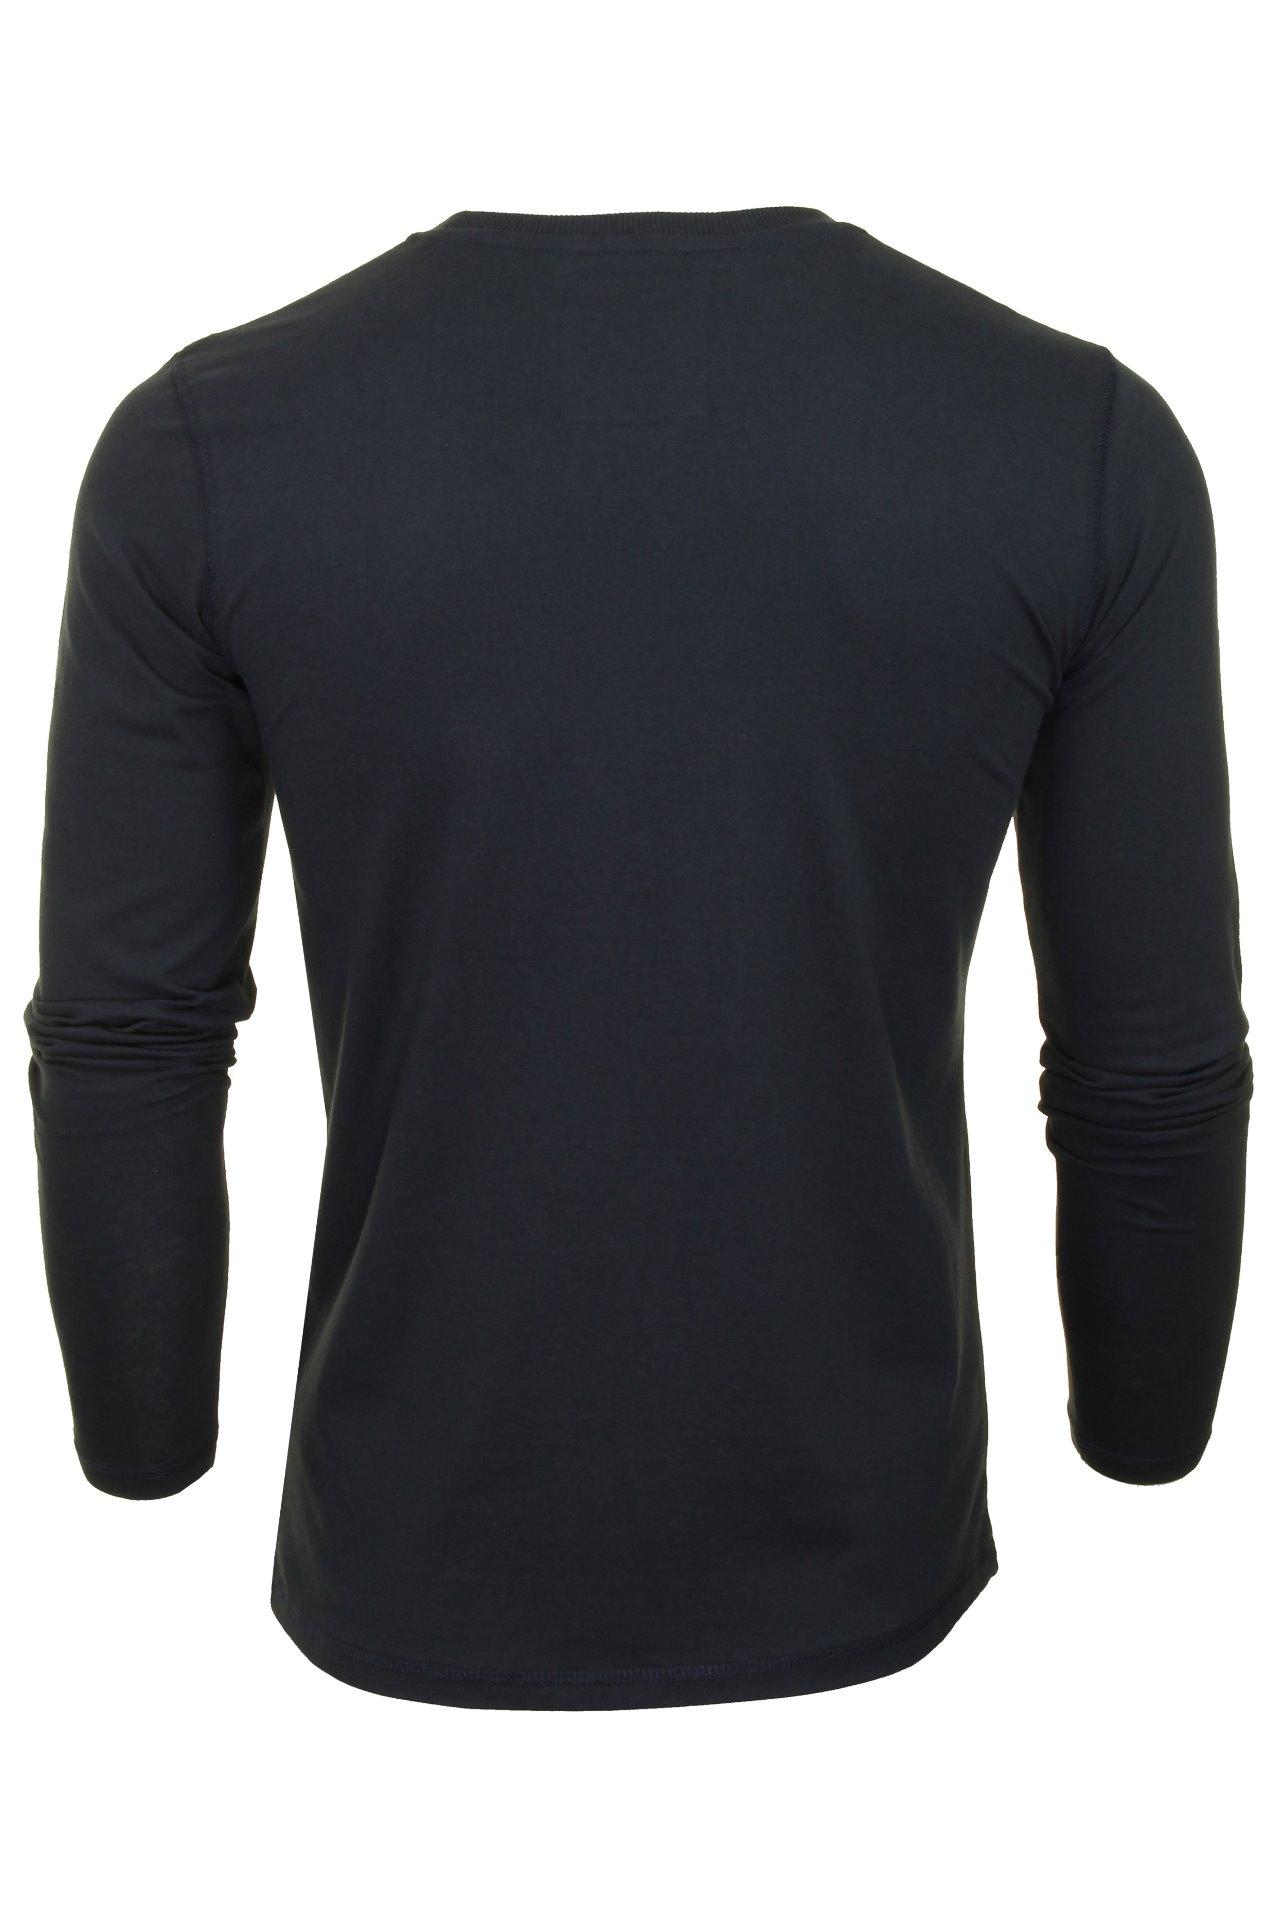 Mens-Tokyo-Laundry-Long-Sleeved-T-Shirt thumbnail 4